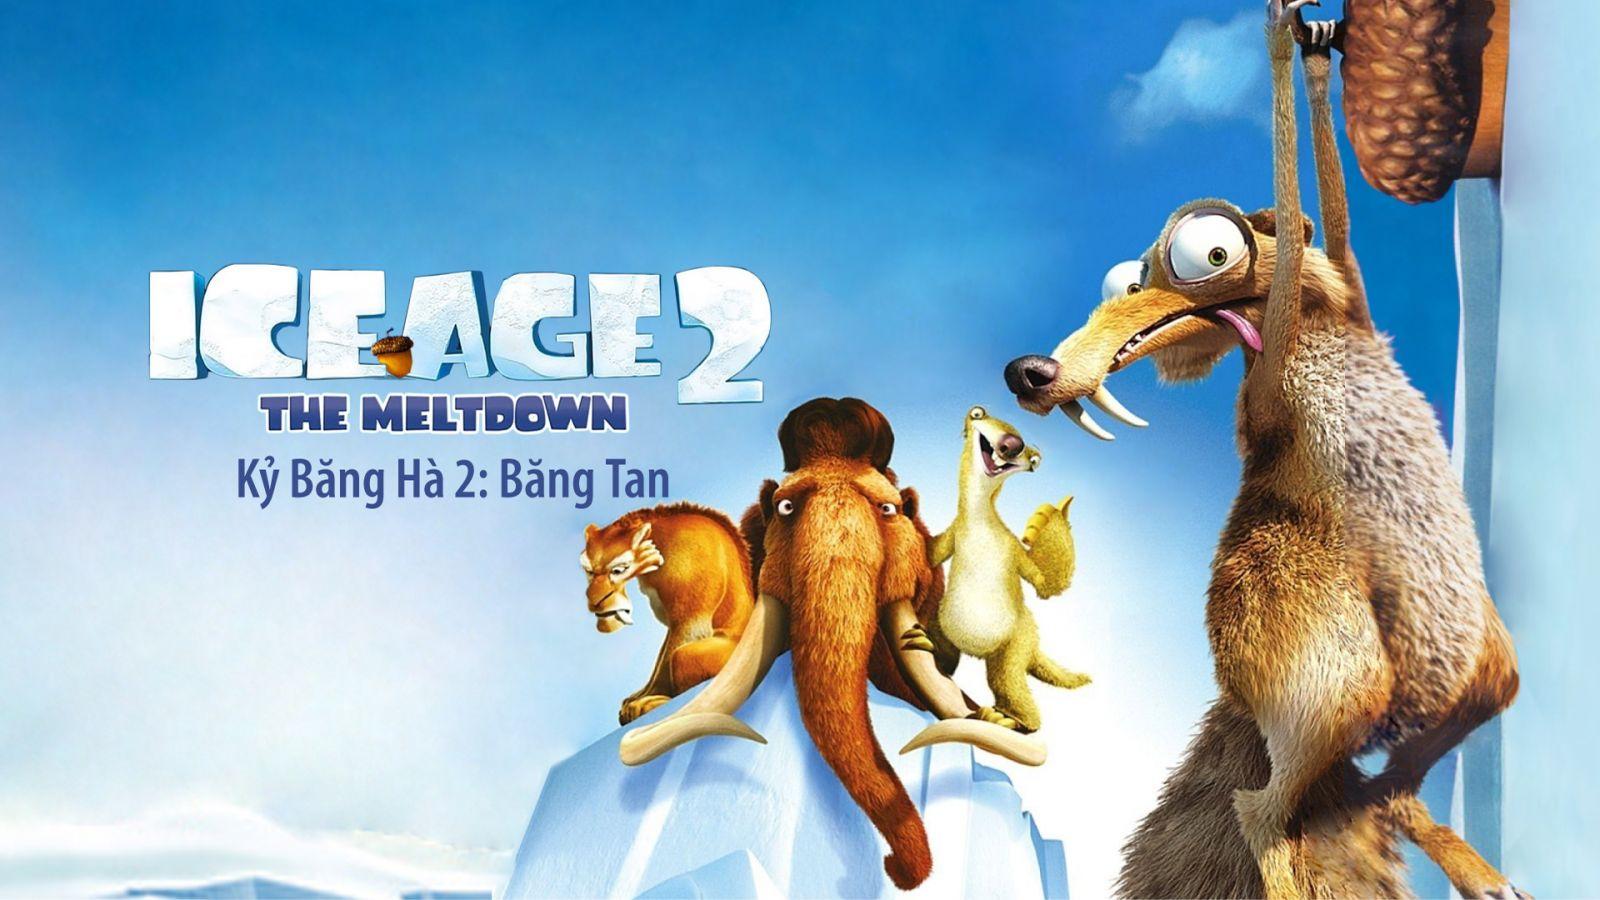 Kỷ Băng Hà 2: Băng Tan (2006) Full HD Bản Đẹp (Thuyết minh Việt)